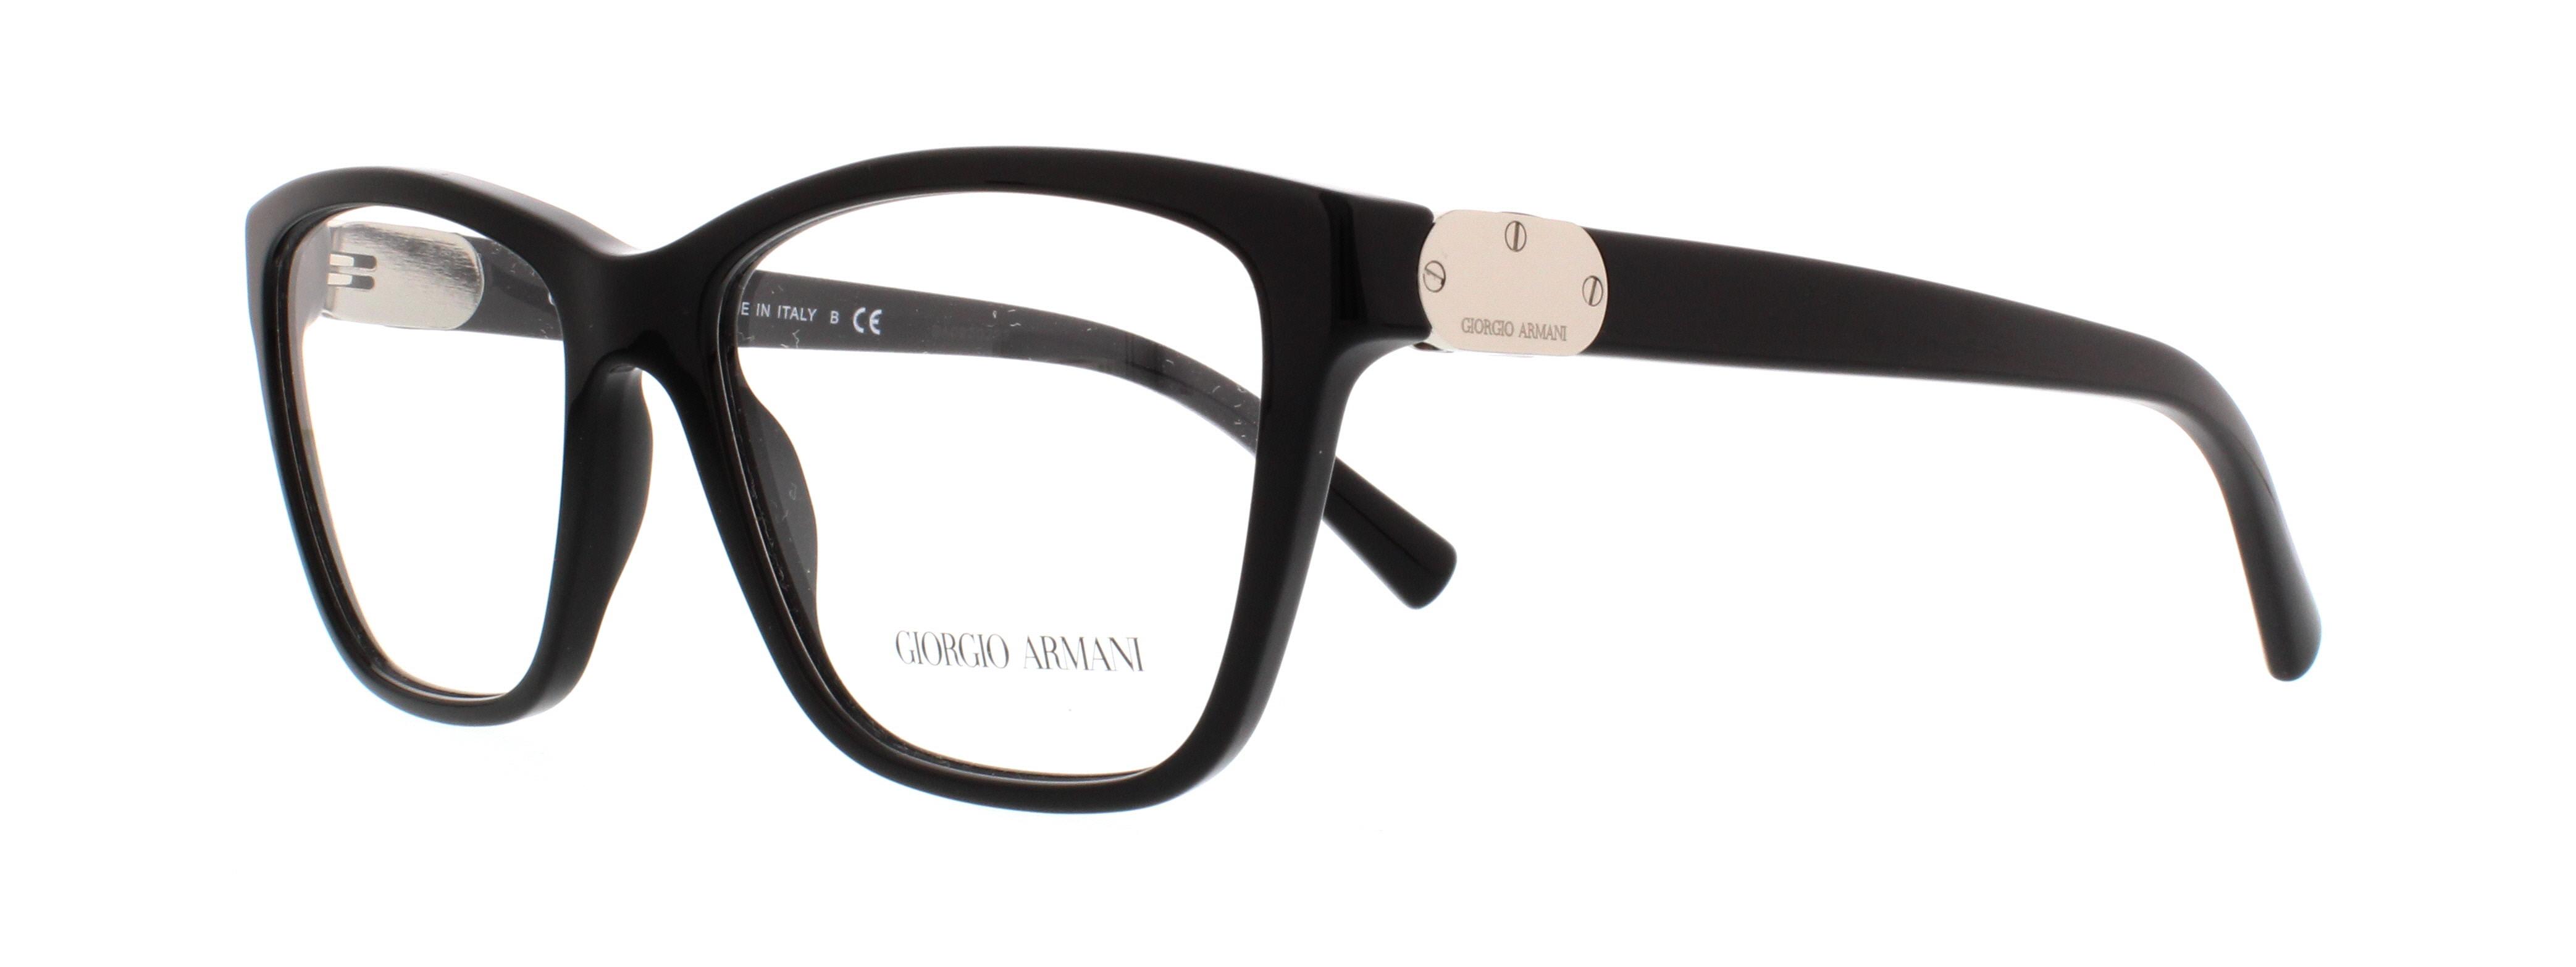 46d6276605f5 Designer Frames Outlet. Giorgio Armani AR7033